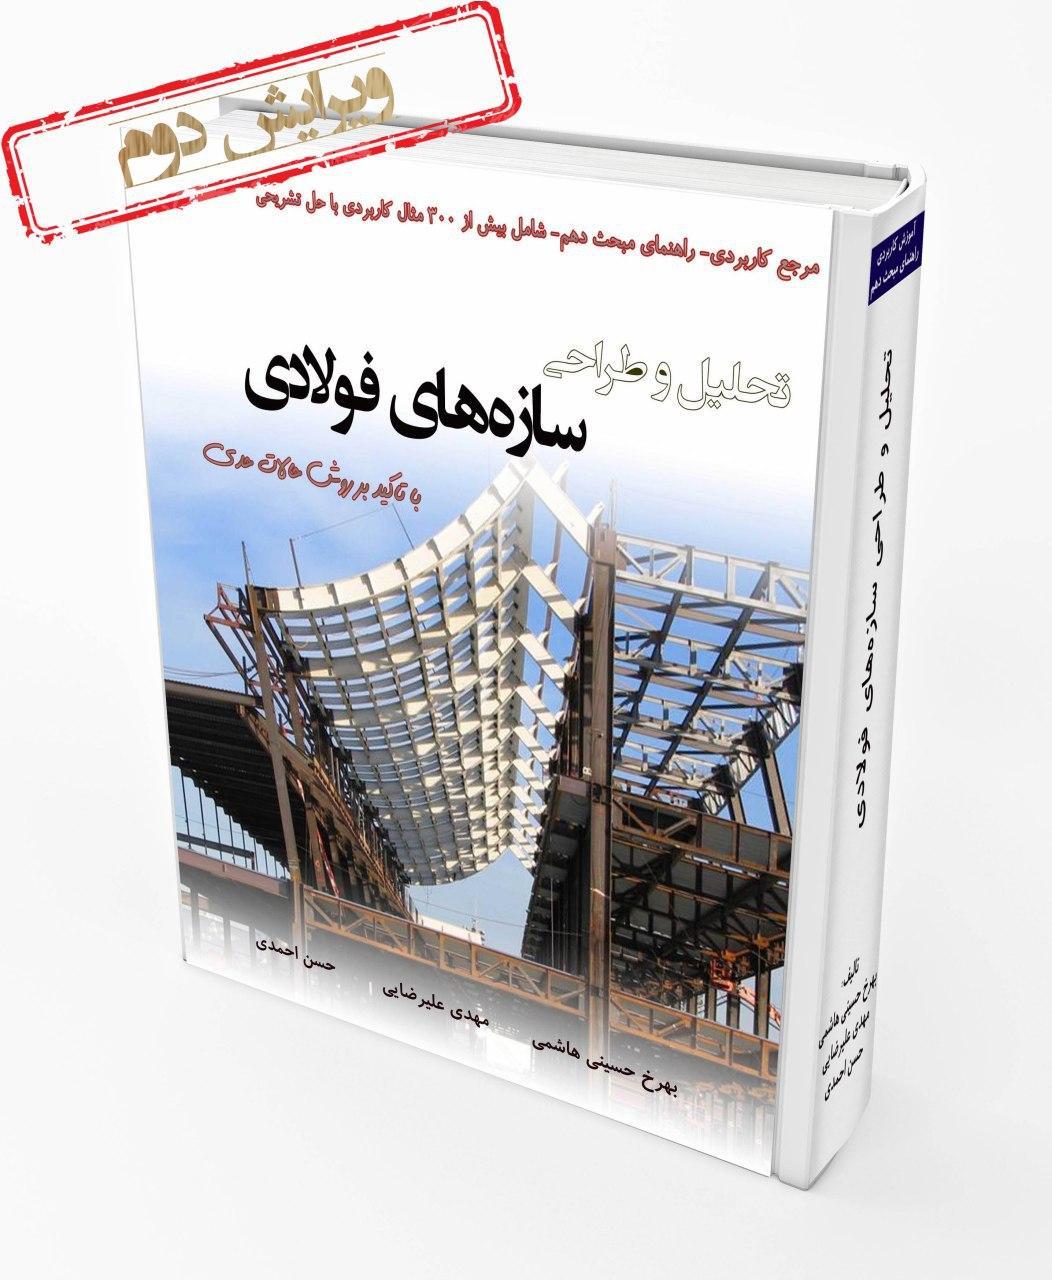 دانلود Pdf کتاب تحلیل و طراحی سازههای فولادی (با تاکید بر روش حالات حدی)